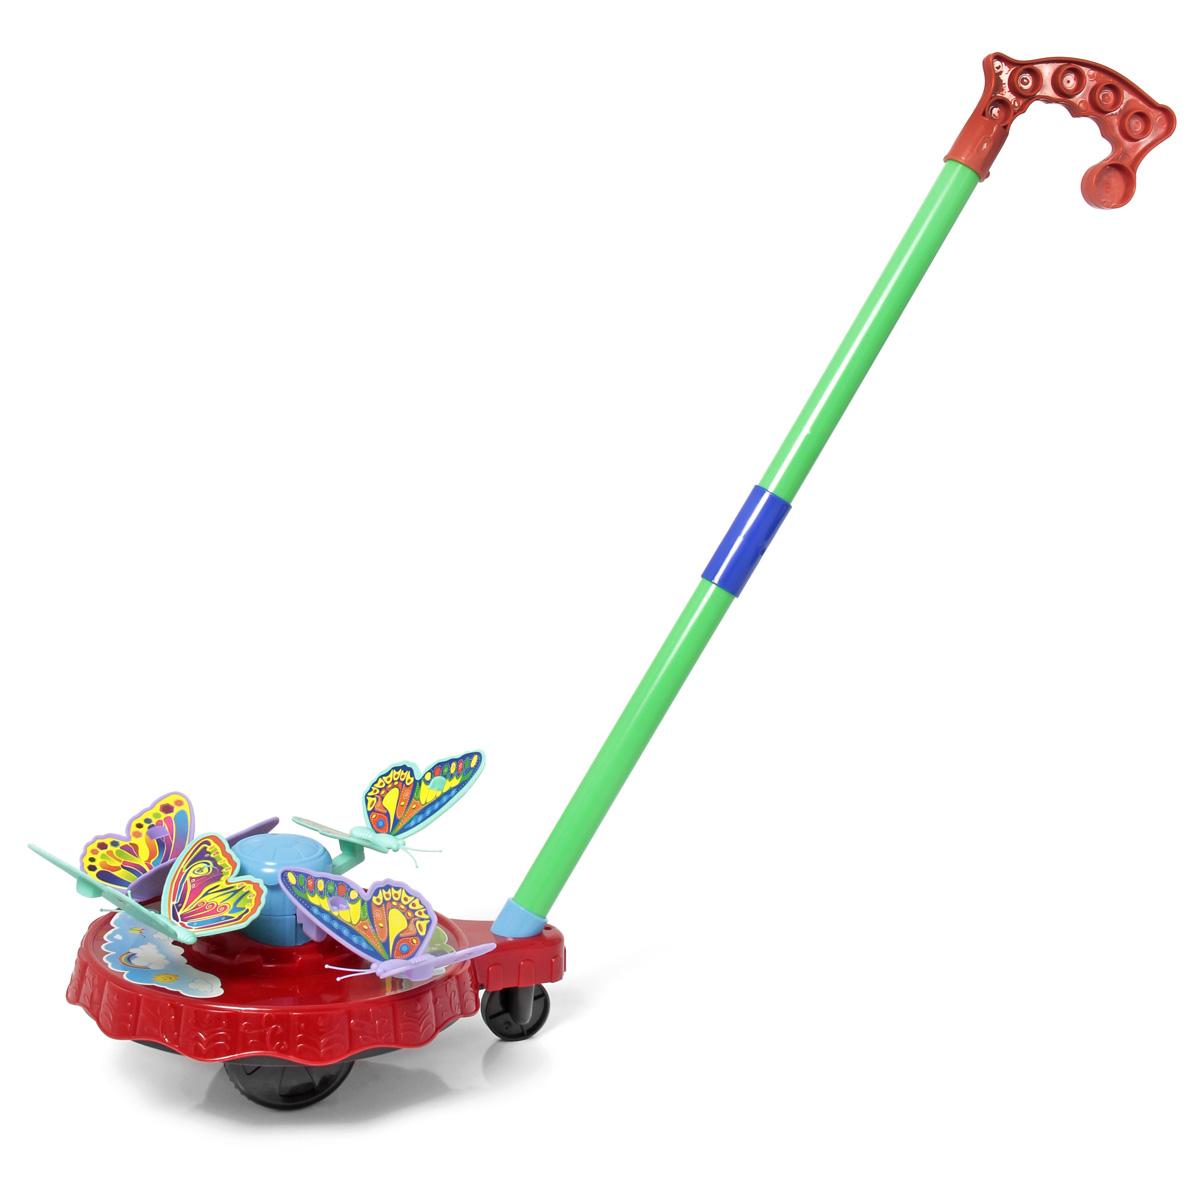 Ami&Co Игрушка-каталка Бабочки44426Каталка состоит и круглой платформы, на нее устанавливаются 4 бабочки разных цветов. Палка (сборная) вставляется в платформу. Ребенок катает игрушку по полу - бабочки вращаются по кругу, поднимаясь на разный уровень. При катании игрушка издает звук колокольчика. Детская складная каталка предназначена для малышей, которые уже начали ходить самостоятельно. Яркие, забавные образы принесут радость и веселье во время игр. Гремящие, шуршащие элементы развлекут вашего малыша. Модель поможет развить координацию движения, тактильные навыки и мелкую моторику рук ребенка, а издаваемые ею звуки активно стимулируют его слух.